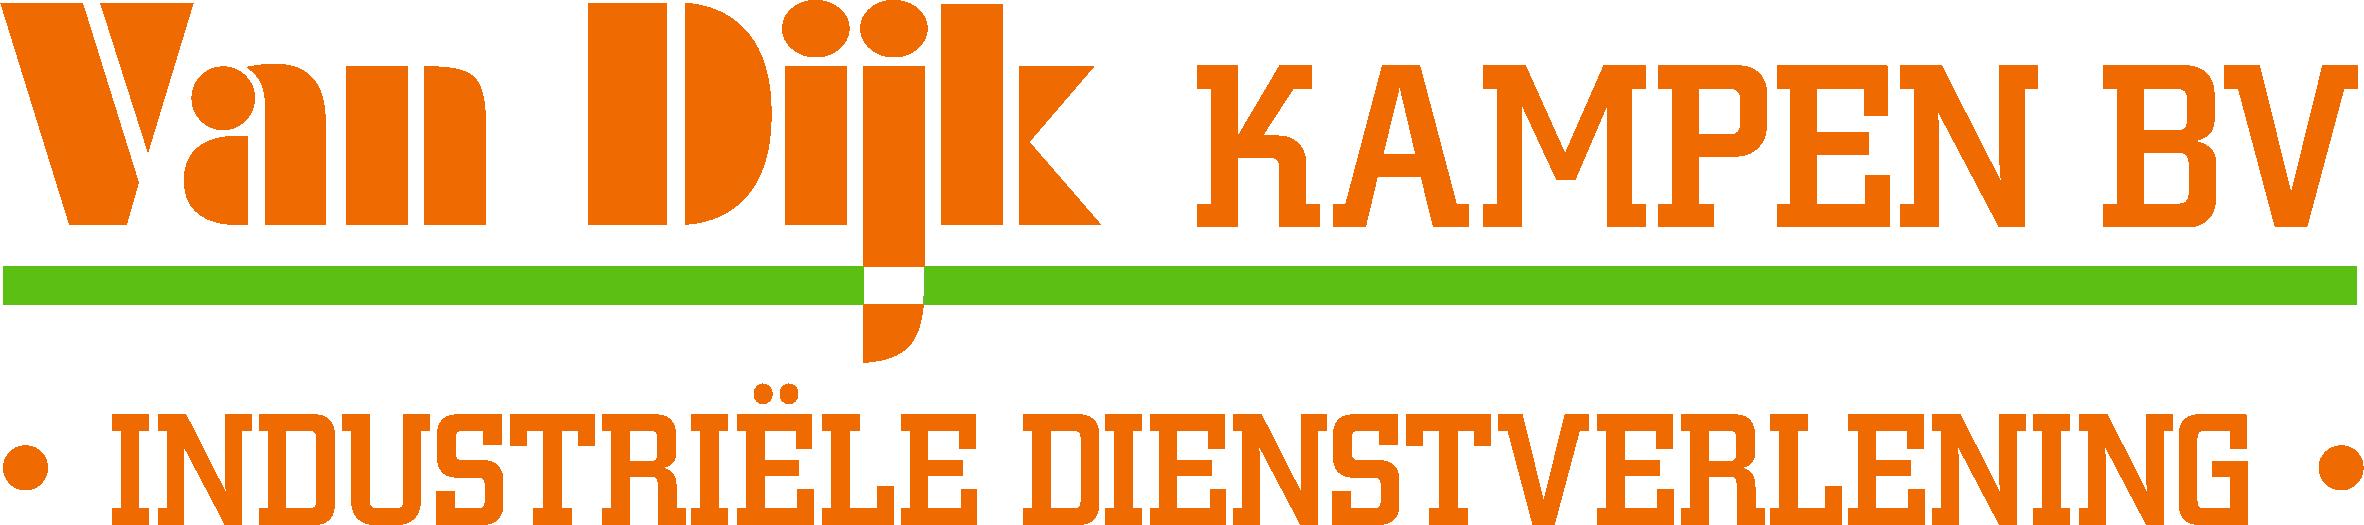 Van Dijk Kampen BV